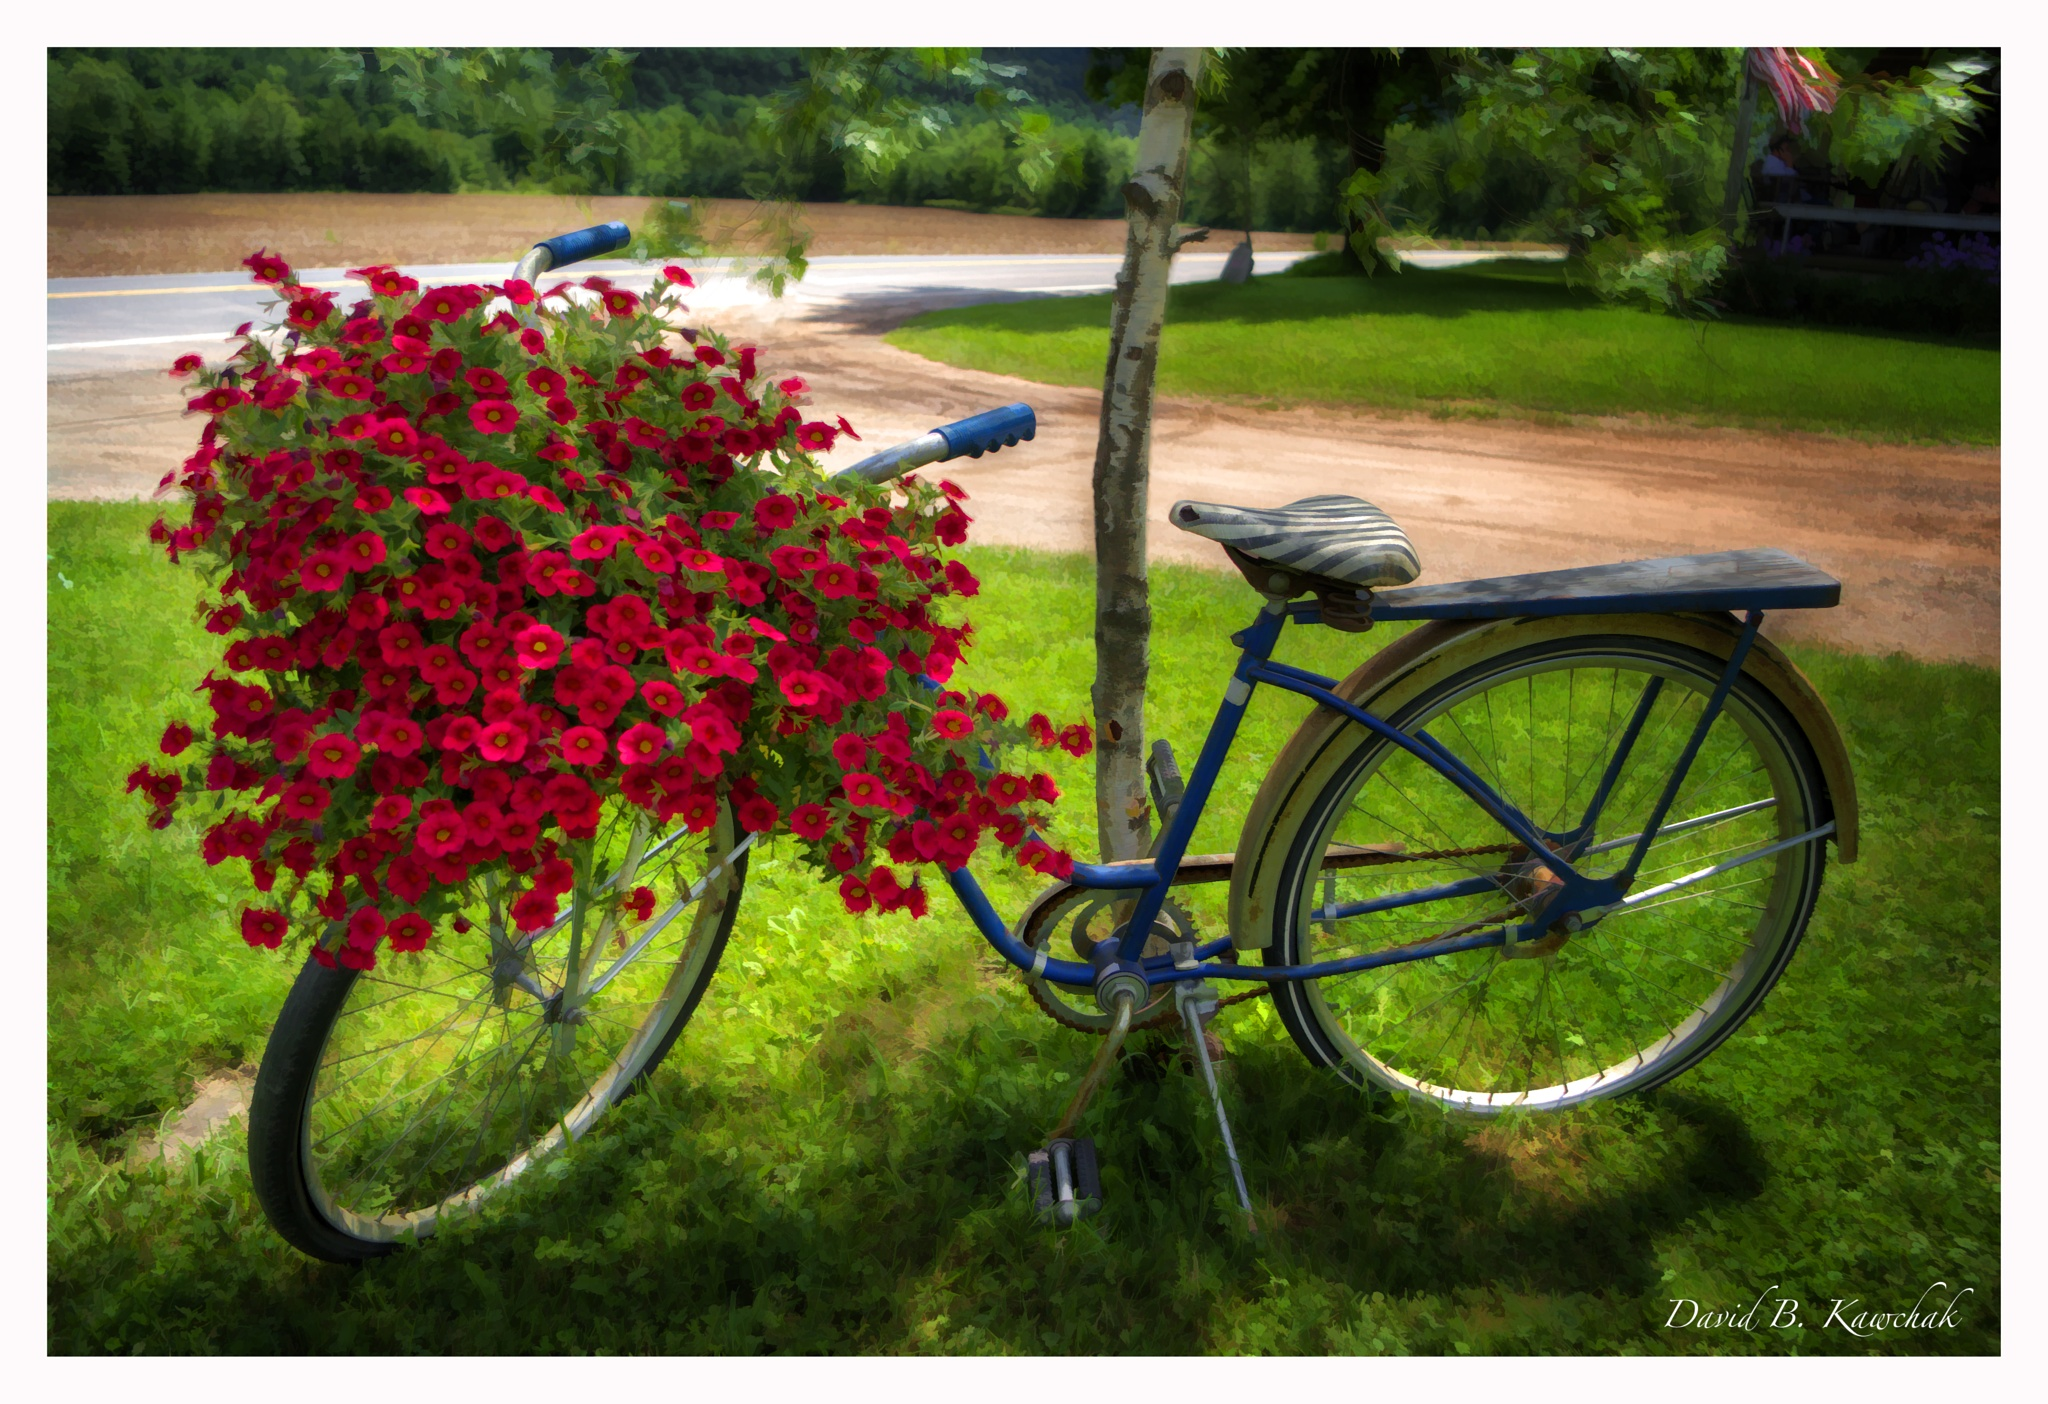 Bike and Flowers by davidbrucekawchak